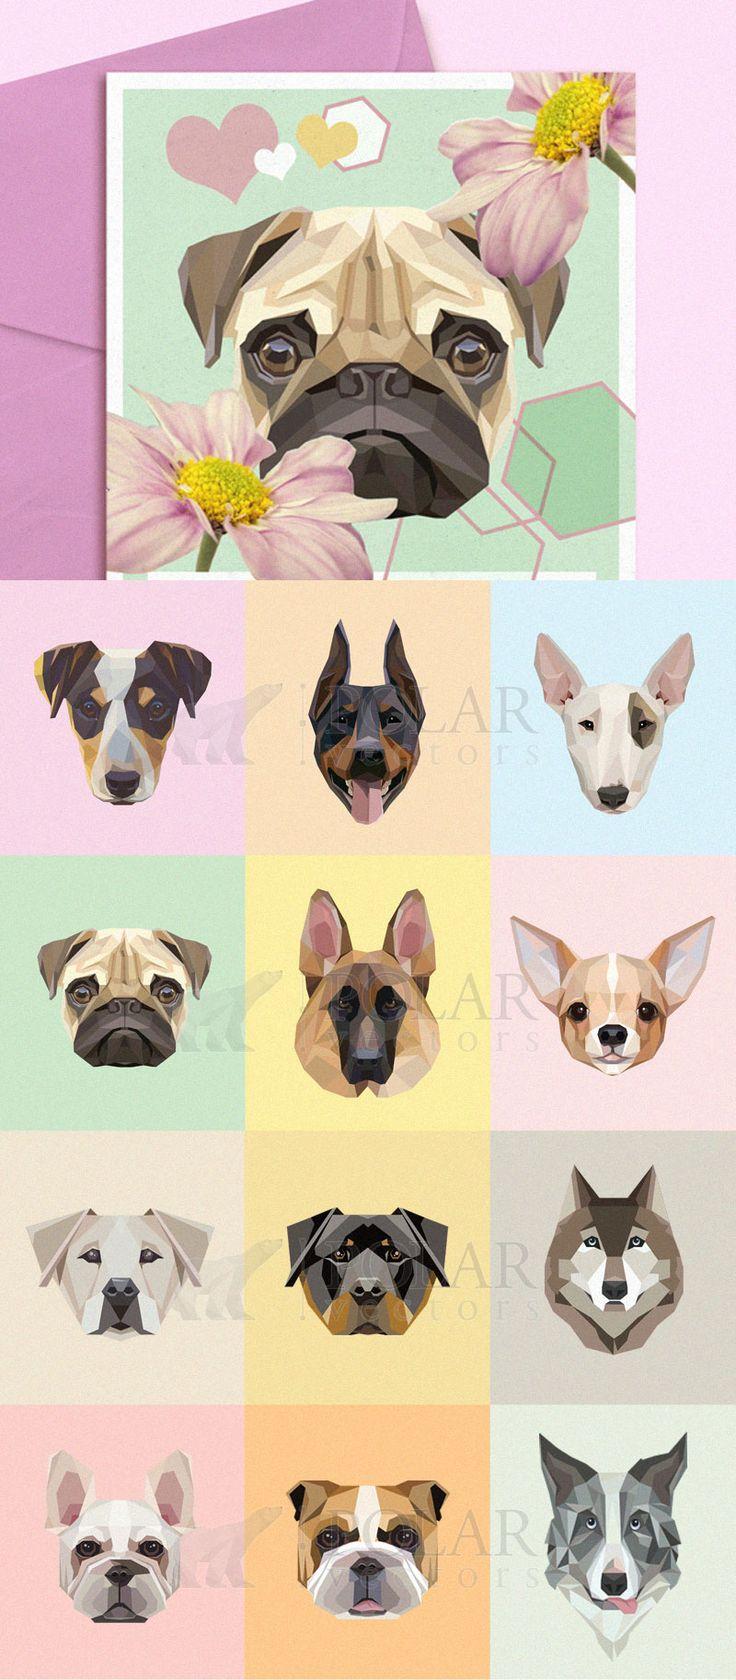 Dog-breeds-portraits-vector-illustration-set.jpg (JPEG Image, 800 × 1827 pixels) - Scaled (51%)